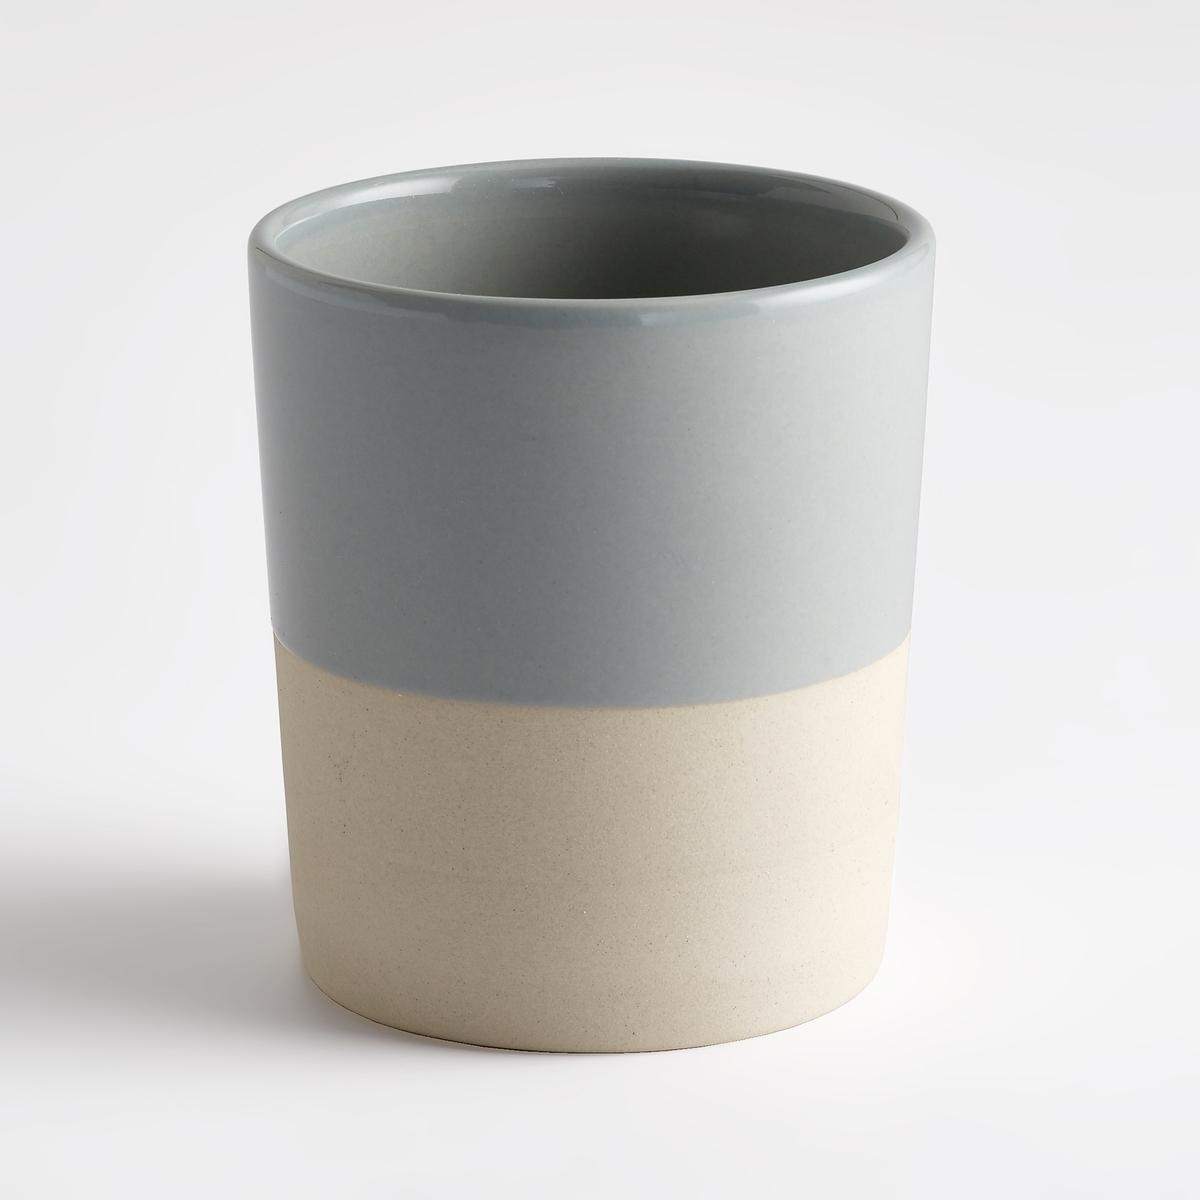 Комплект из 4 двухцветных чашек из керамики, WarotaХарактеристики 4 двухцветных чашек из керамики Warota :Из керамики. Дно из матовой керамики без глазури.Размеры 4 двухцветных чашек из керамики Warota :Диаметр. 8 x высота 9 см.Цвета 4 двухцветных чашек из керамики Warota :Керамика без глазури / розовый.Керамика без глазури / синий.Другие чашки и предметы декора стола вы можете найти на сайте laredoute.ru<br><br>Цвет: розовая пудра,синий<br>Размер: единый размер